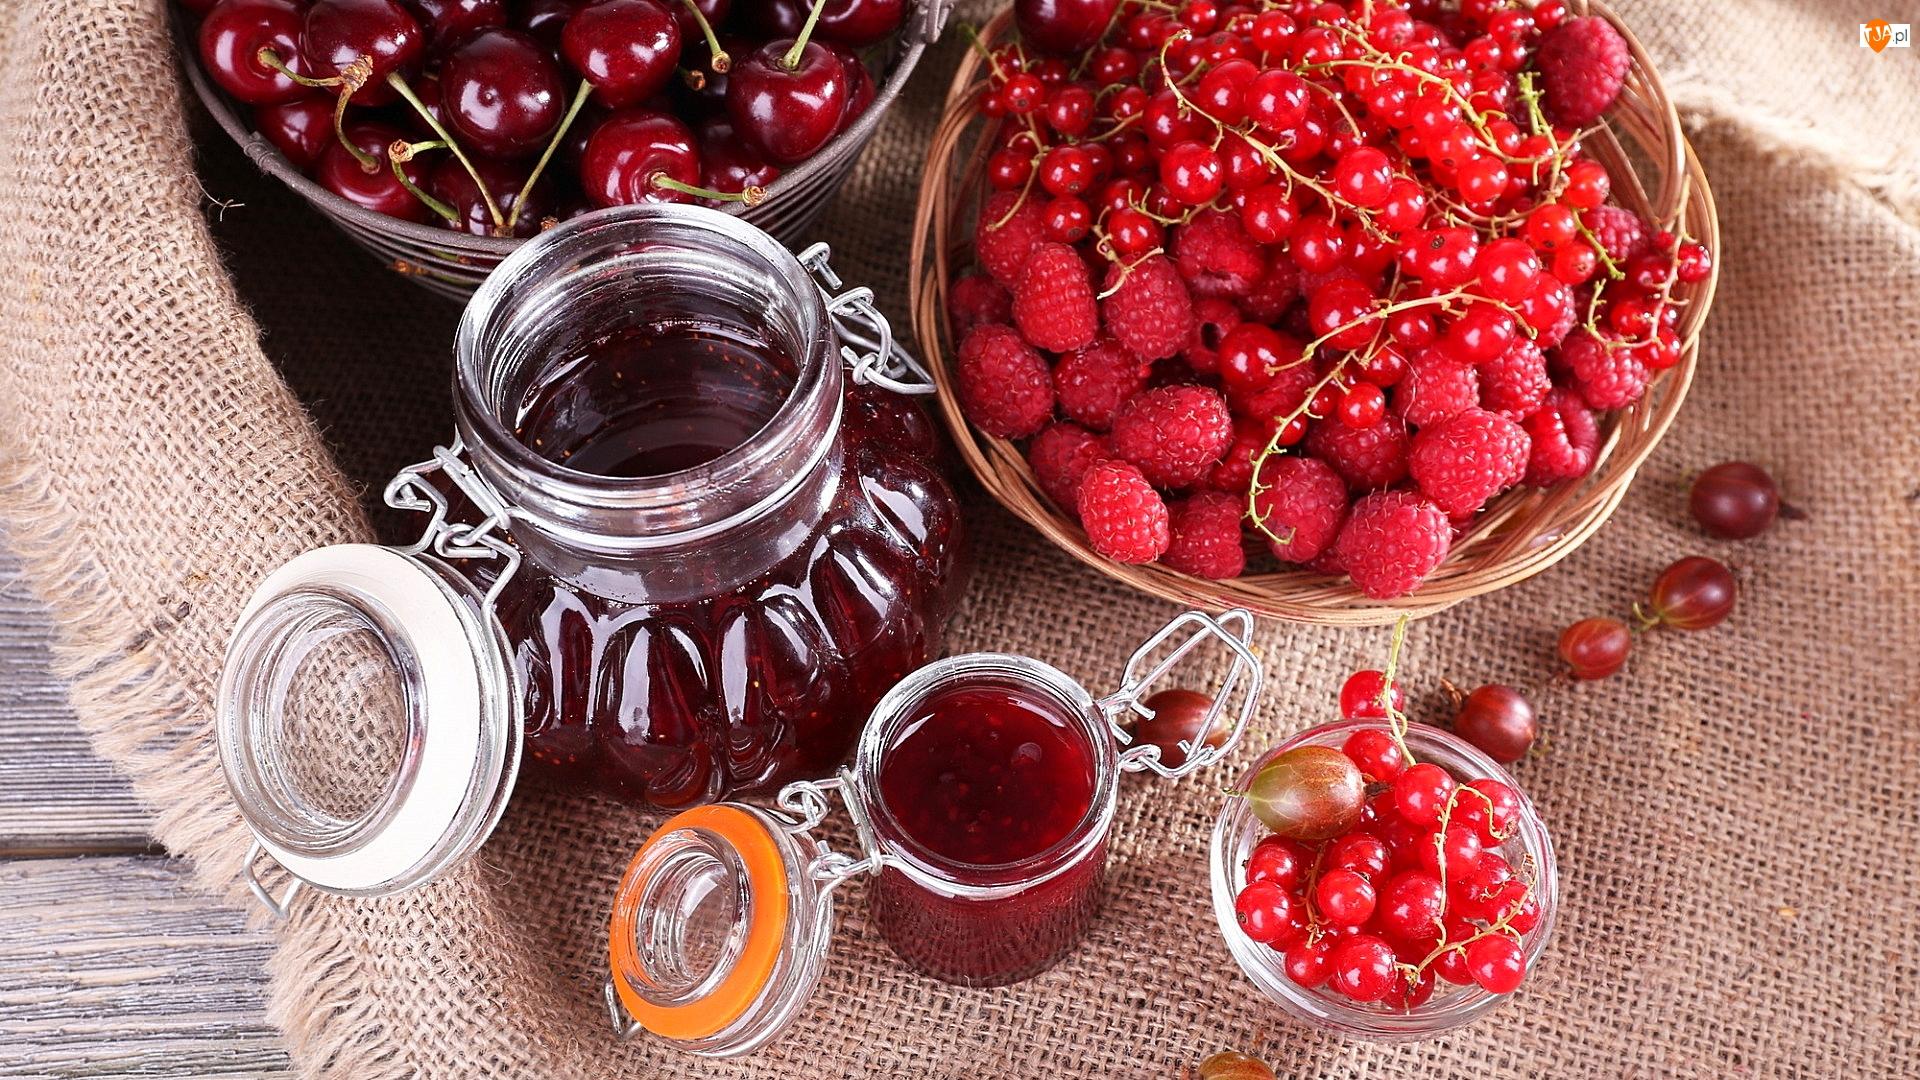 Słoiki, Dżem, Wiśnie, Porzeczki, Owoce, Maliny